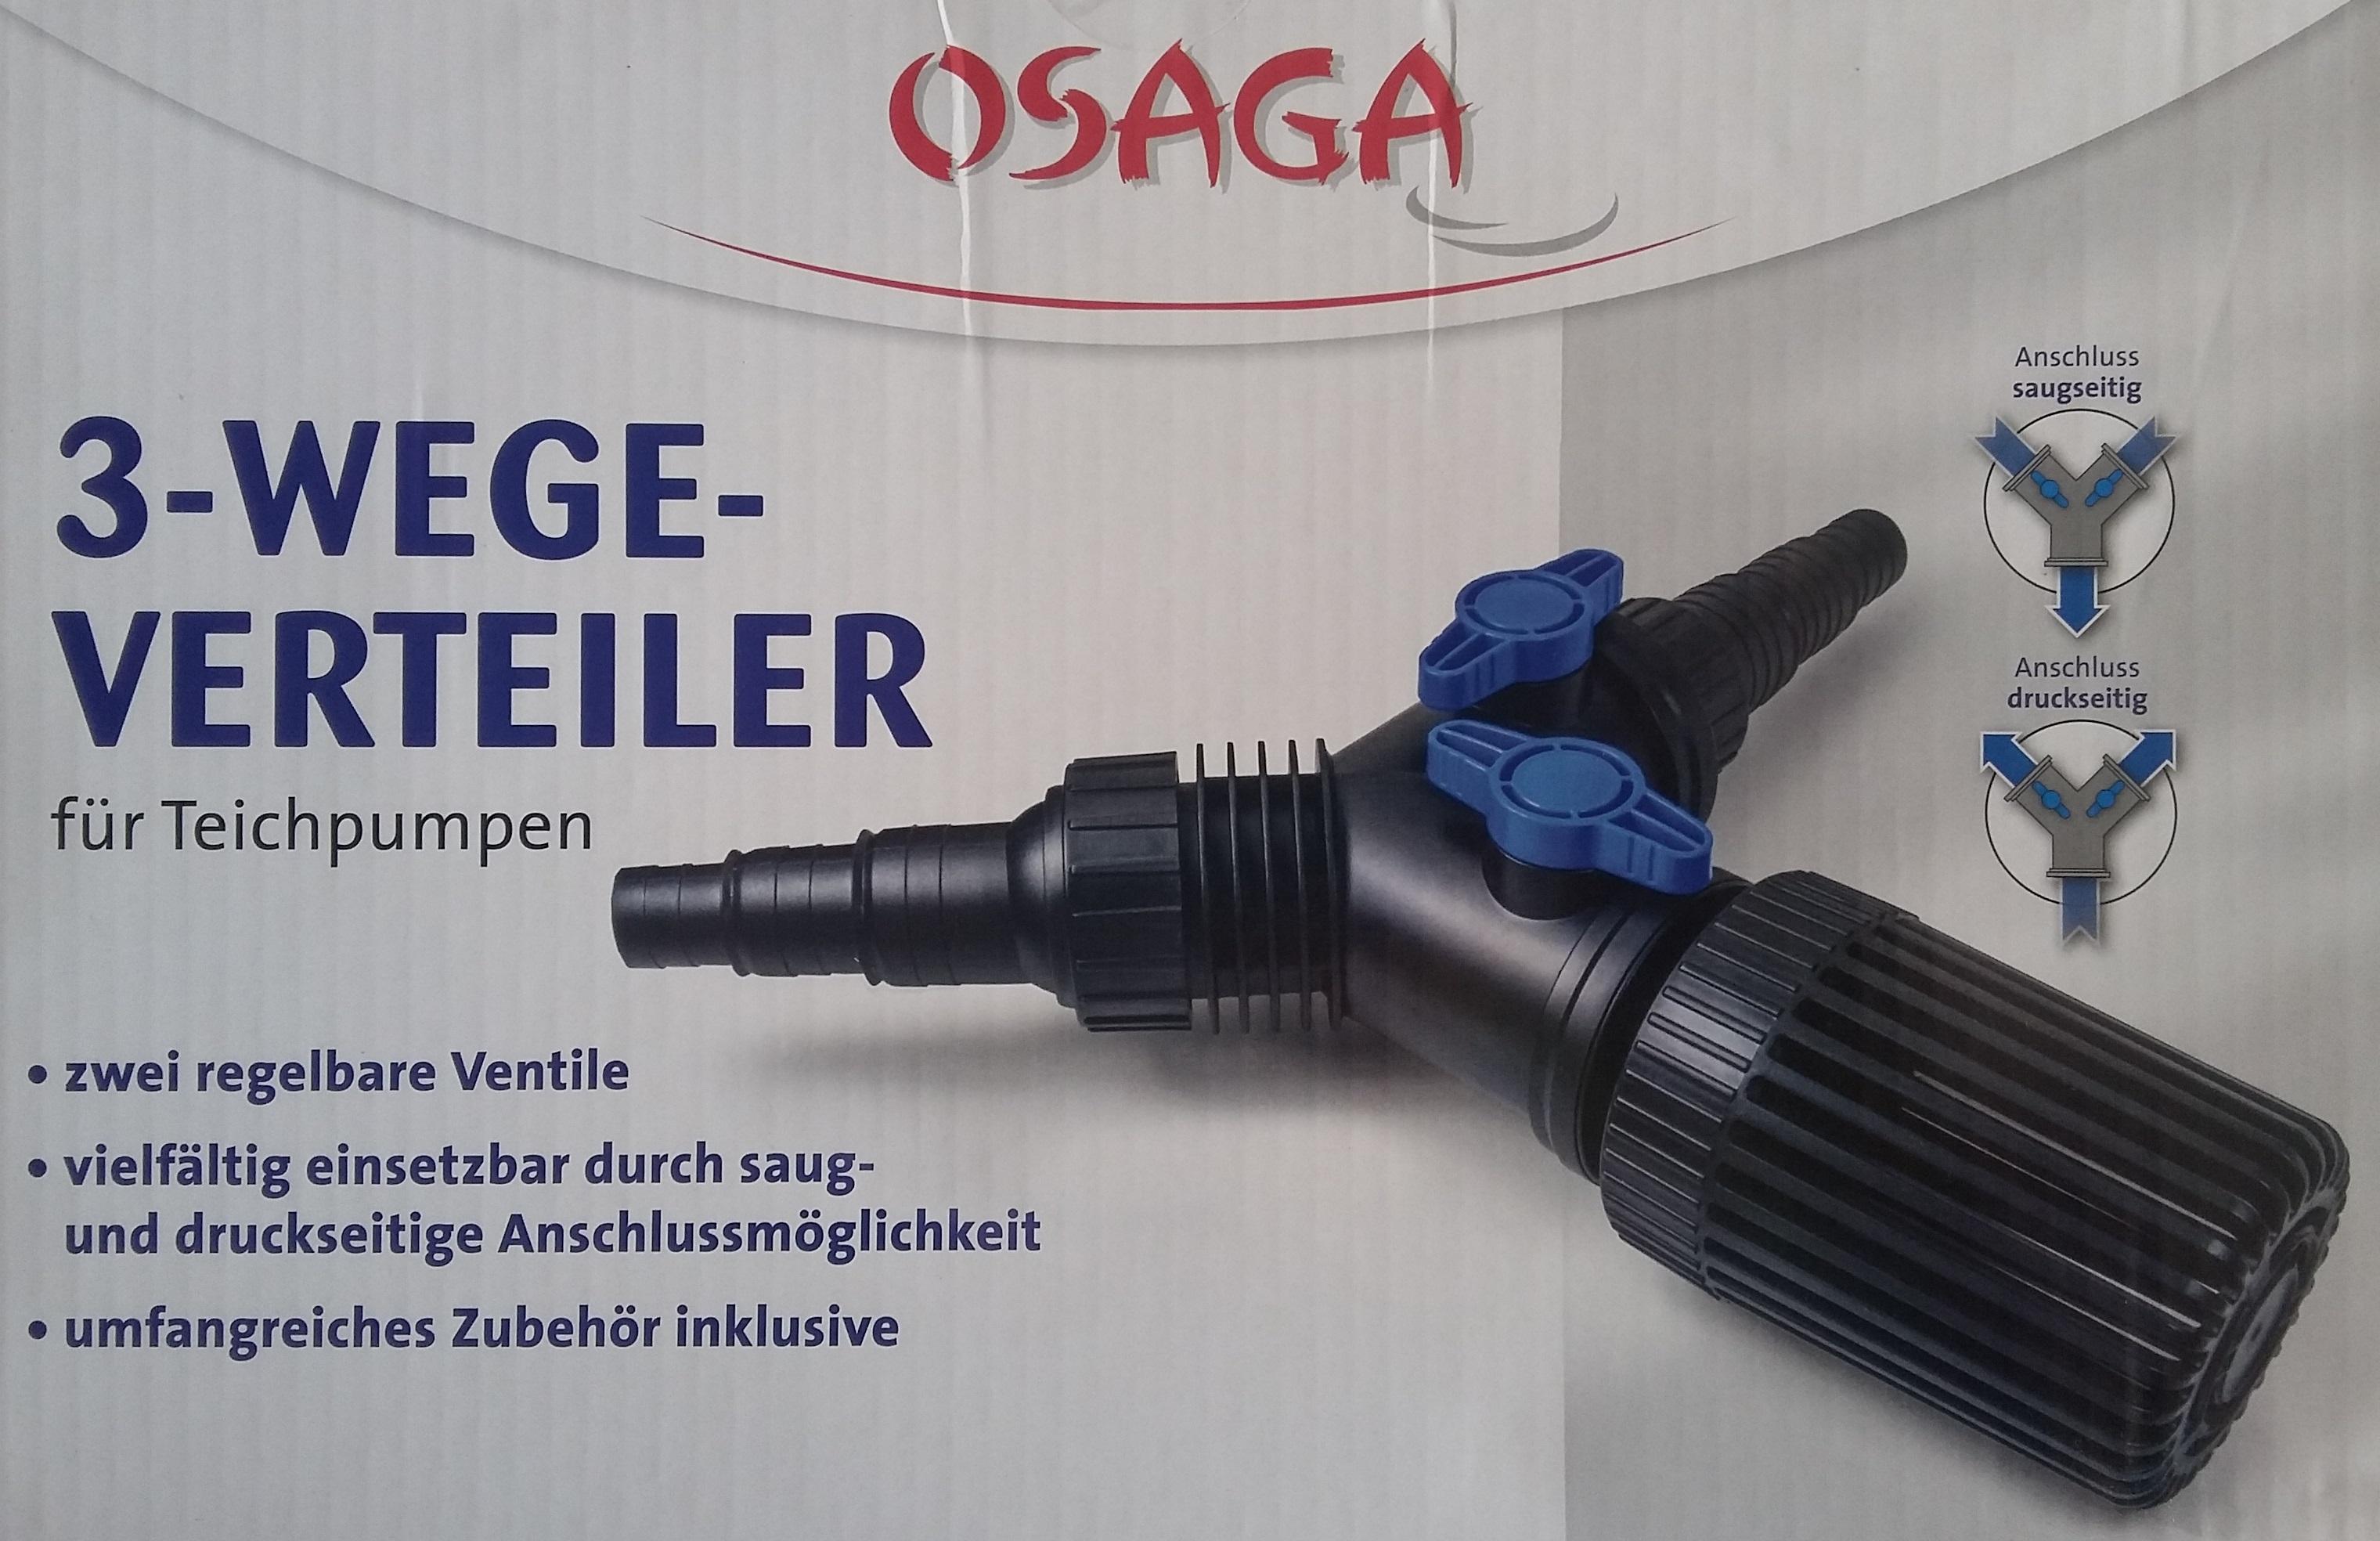 OSAGA 3-Wege-Verteiler für Teichpumpen 94230